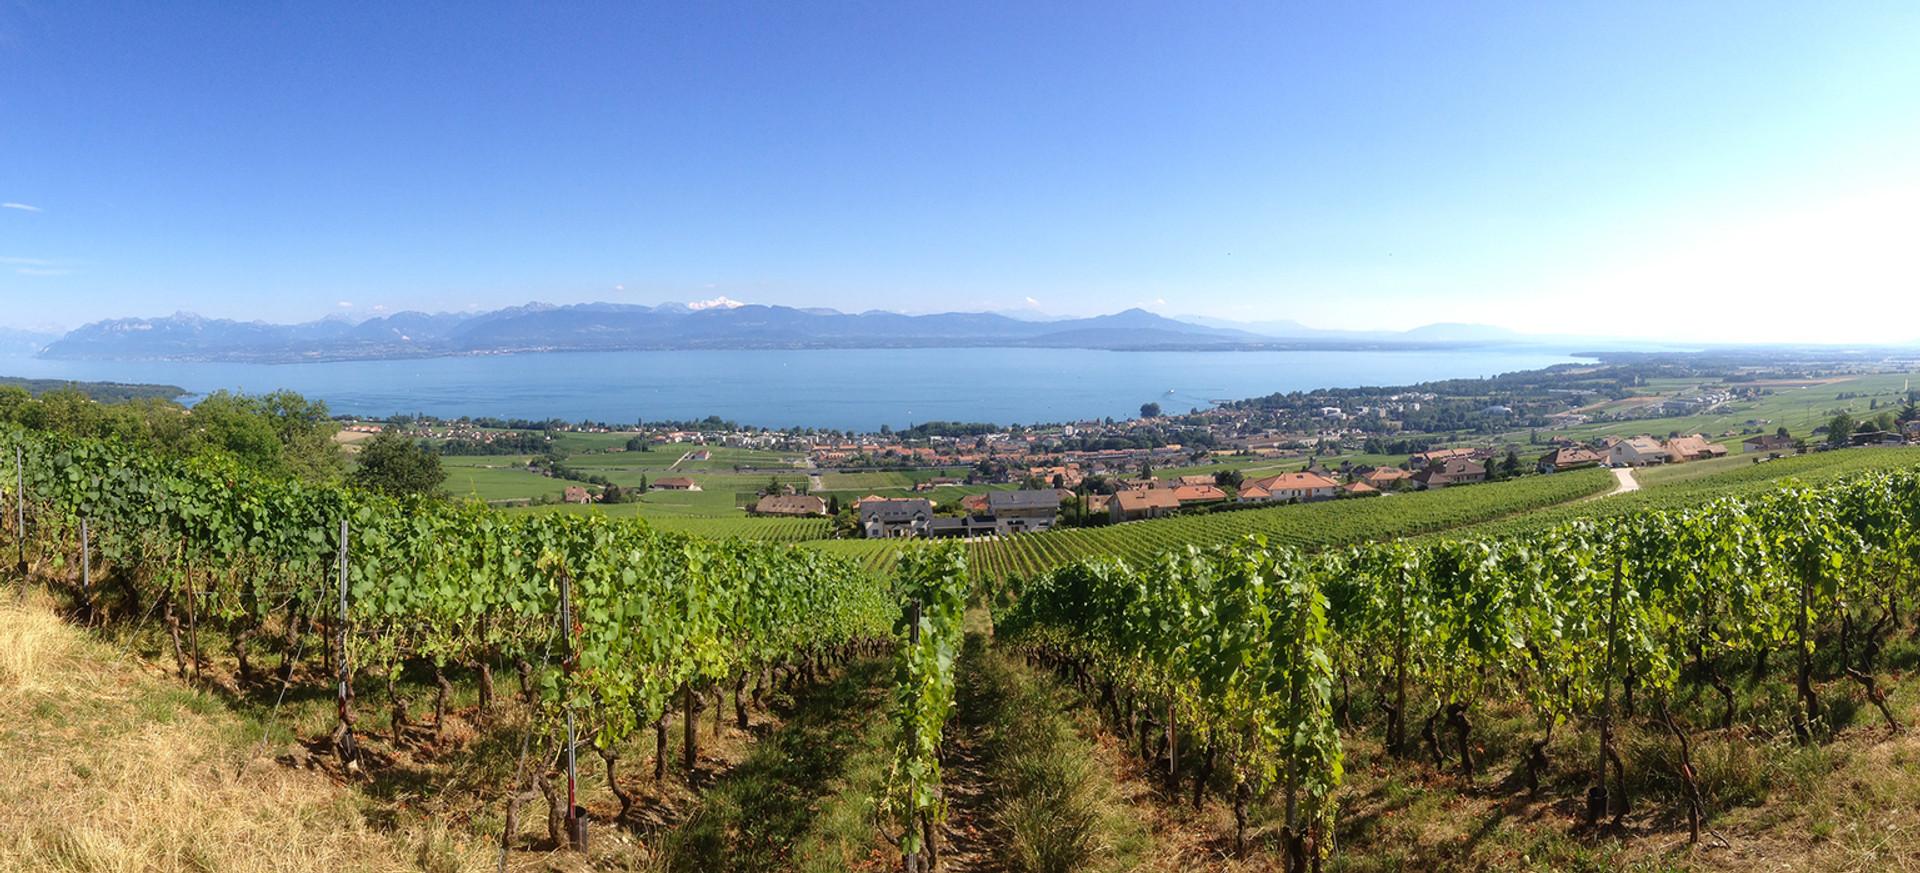 domaine-La-grande-vigne-vins-suisses.jpg